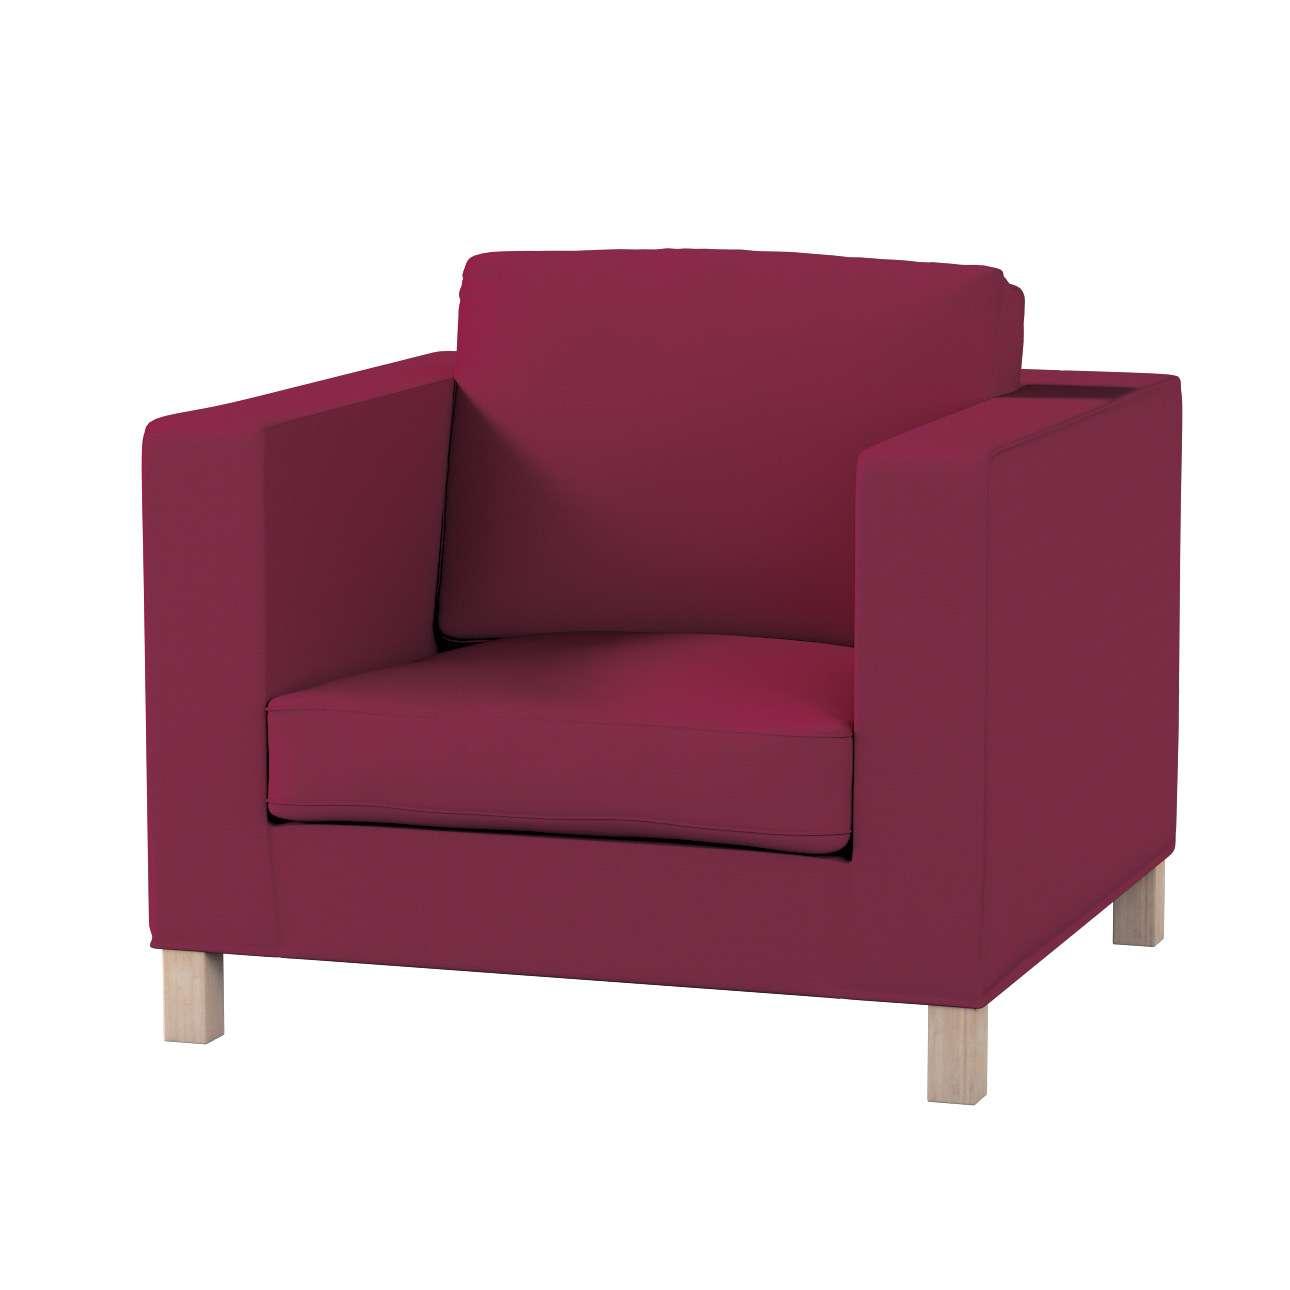 KARLANDA fotelio užvalkalas KARLANDA fotelio užvalkalas kolekcijoje Cotton Panama, audinys: 702-32